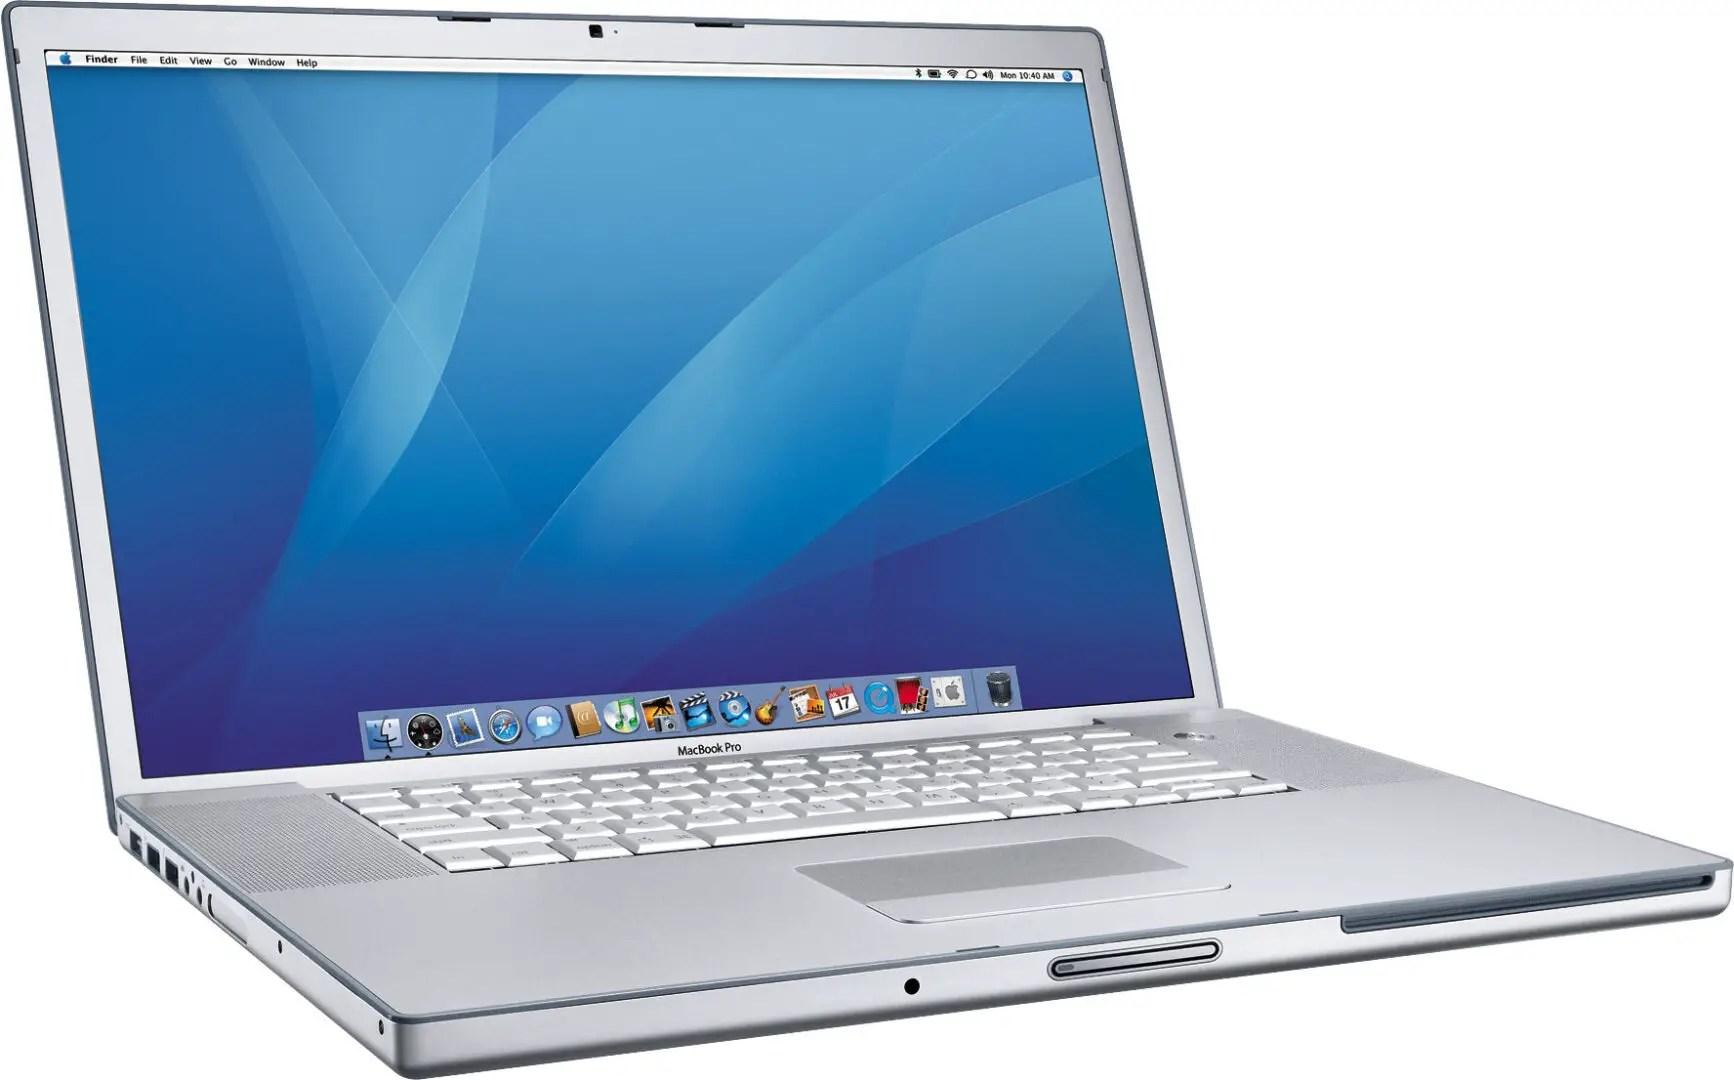 MacBook Pro 17-inch